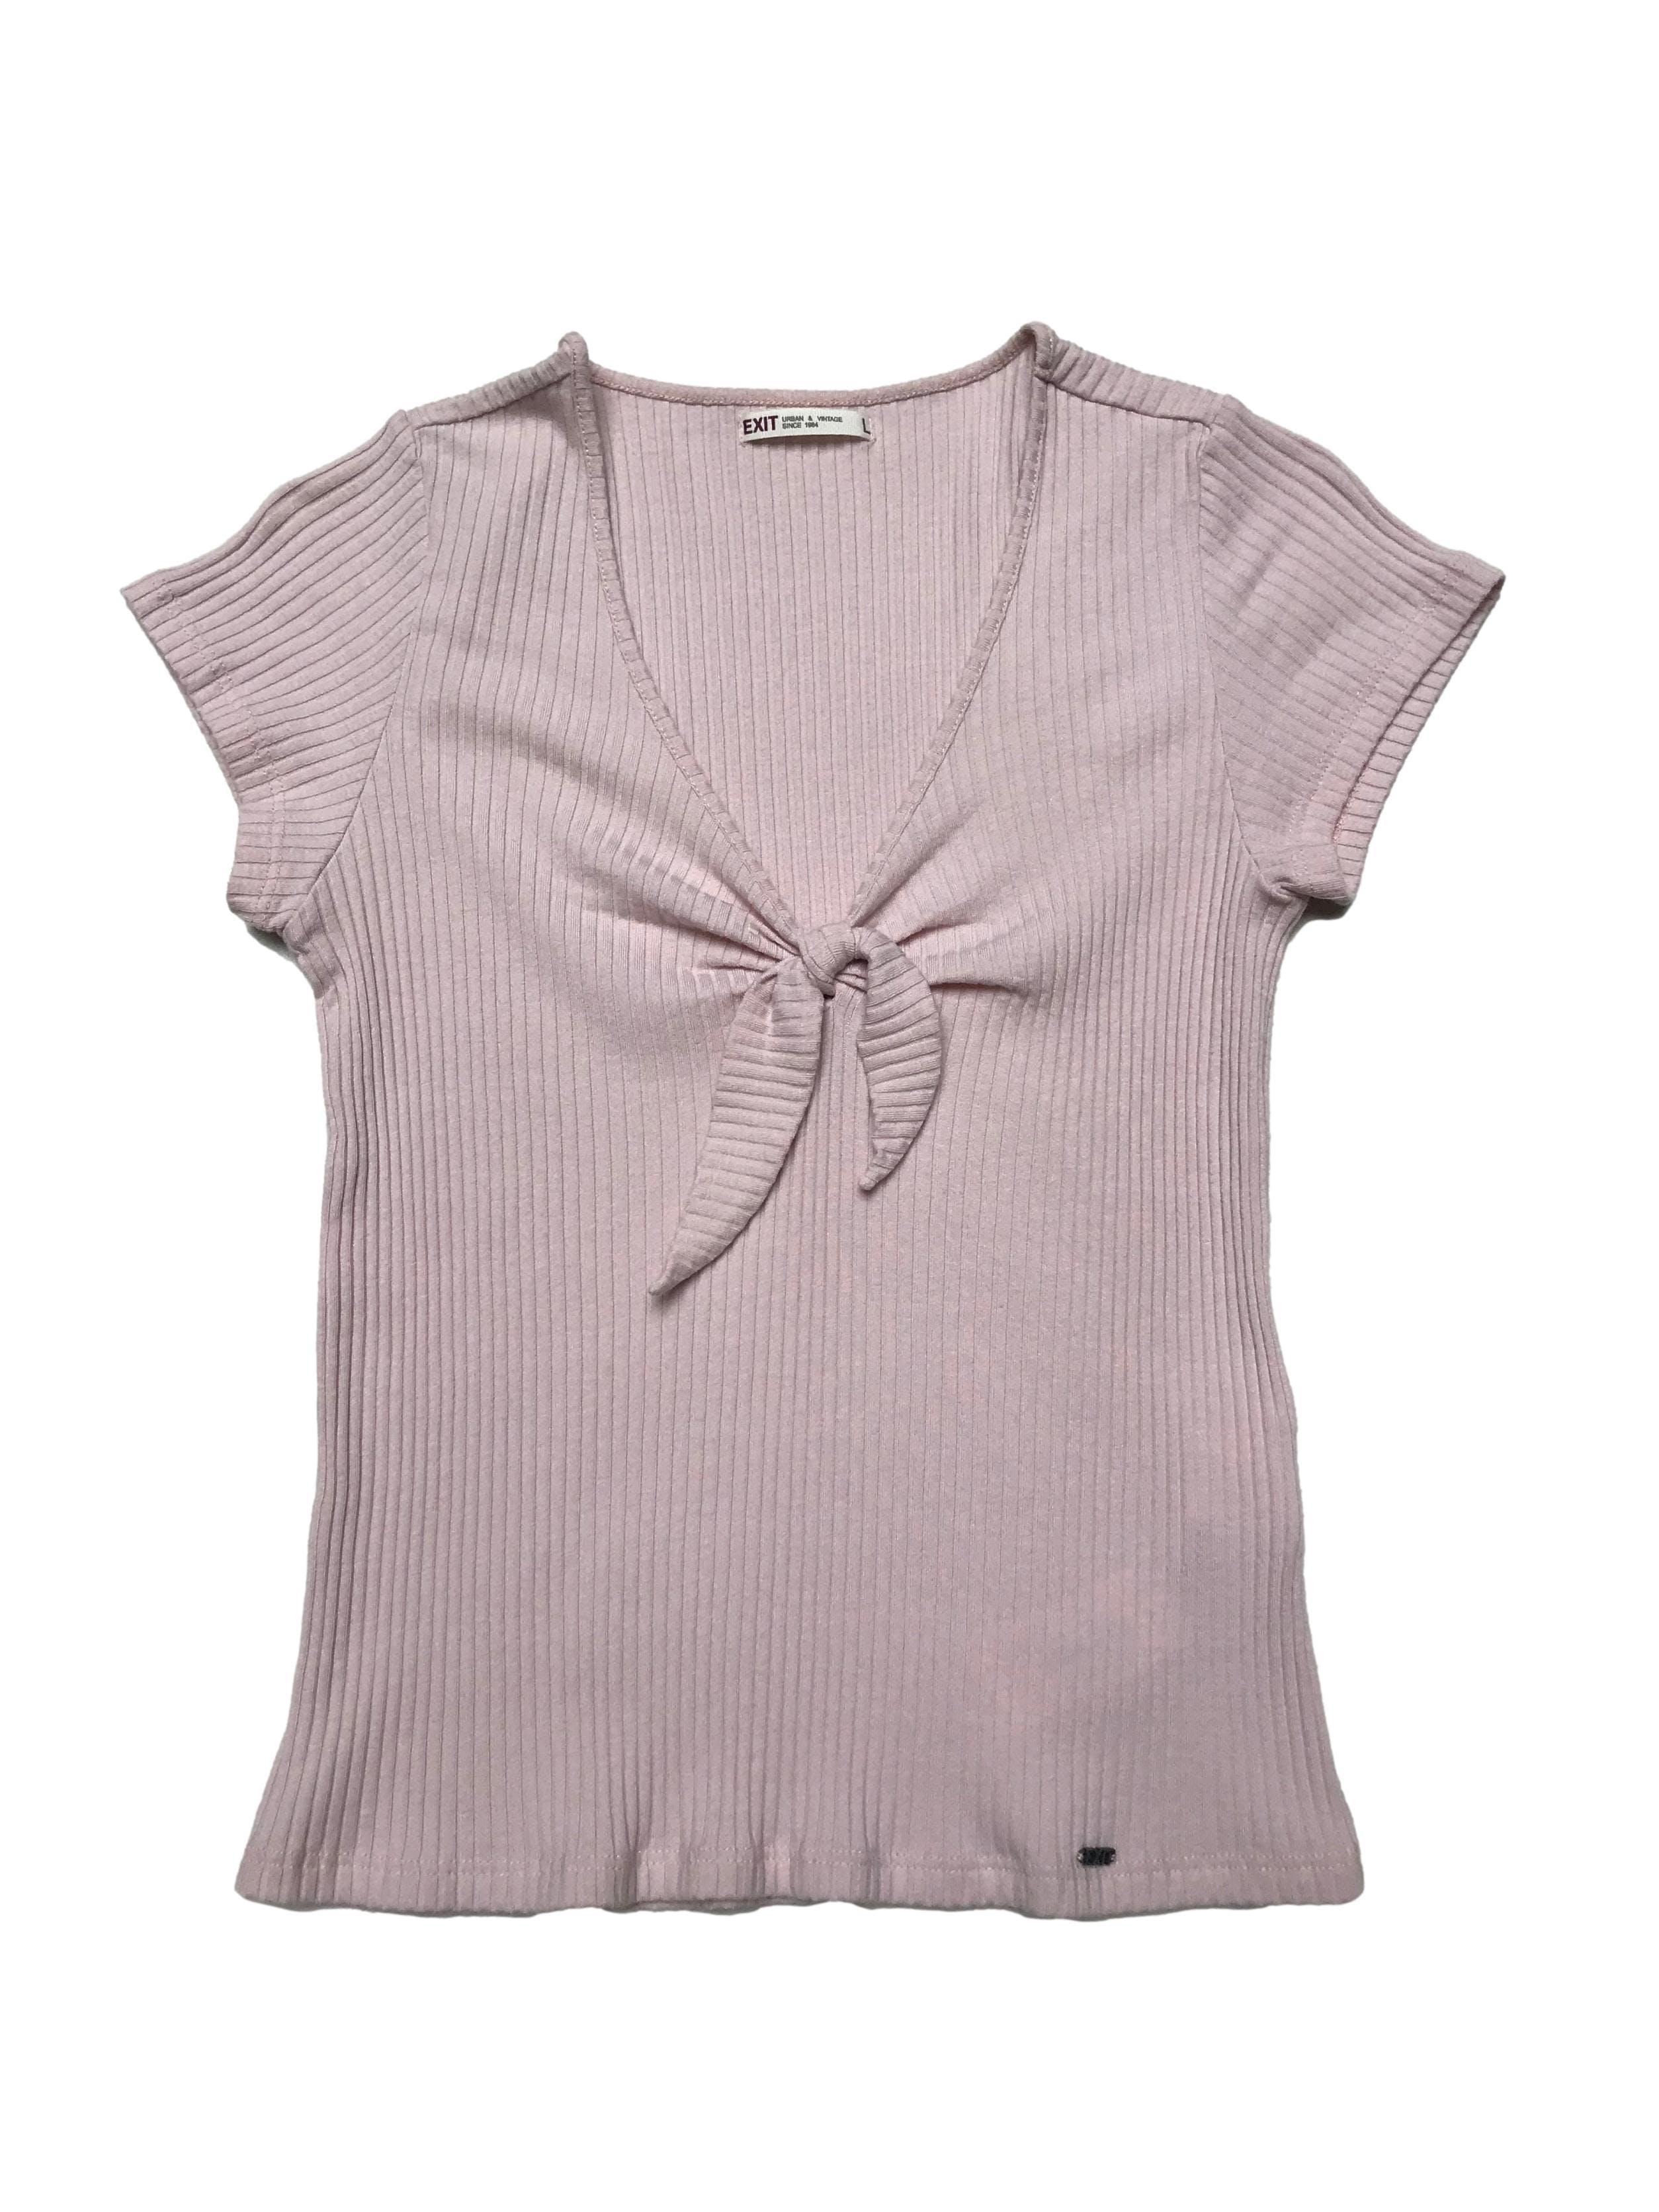 Polo Exit palo rosa de tela acanalada, cuello en V con lazo. Busto hasta 100cm Largo 50cm